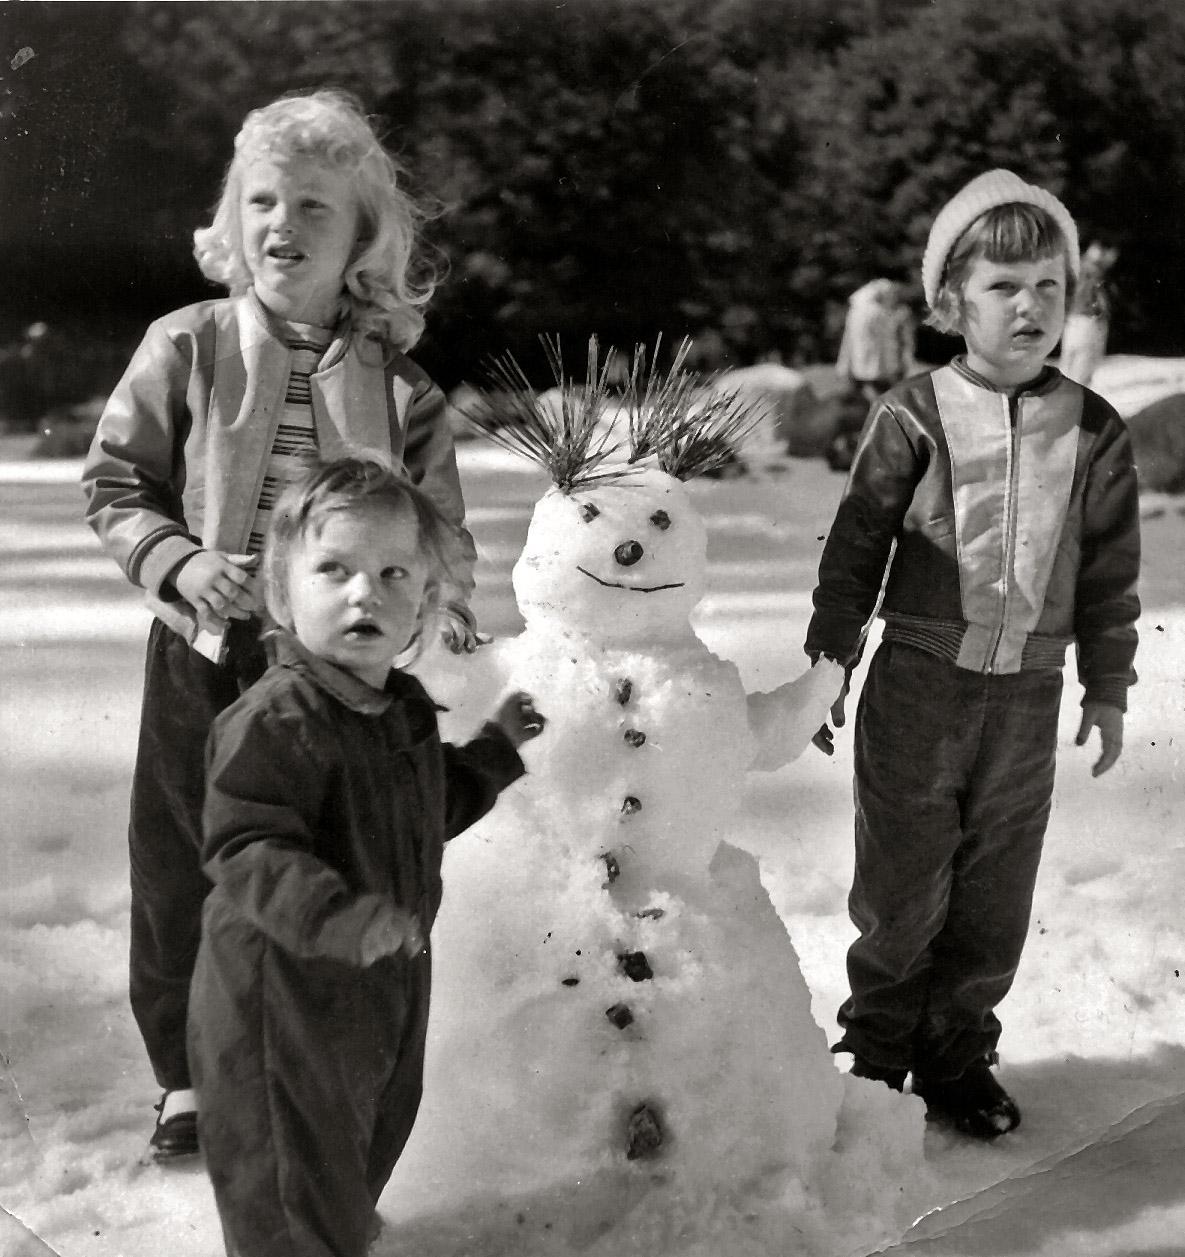 bonhomme neige ancien photo 11 Des bonshommes de neige à lancienne